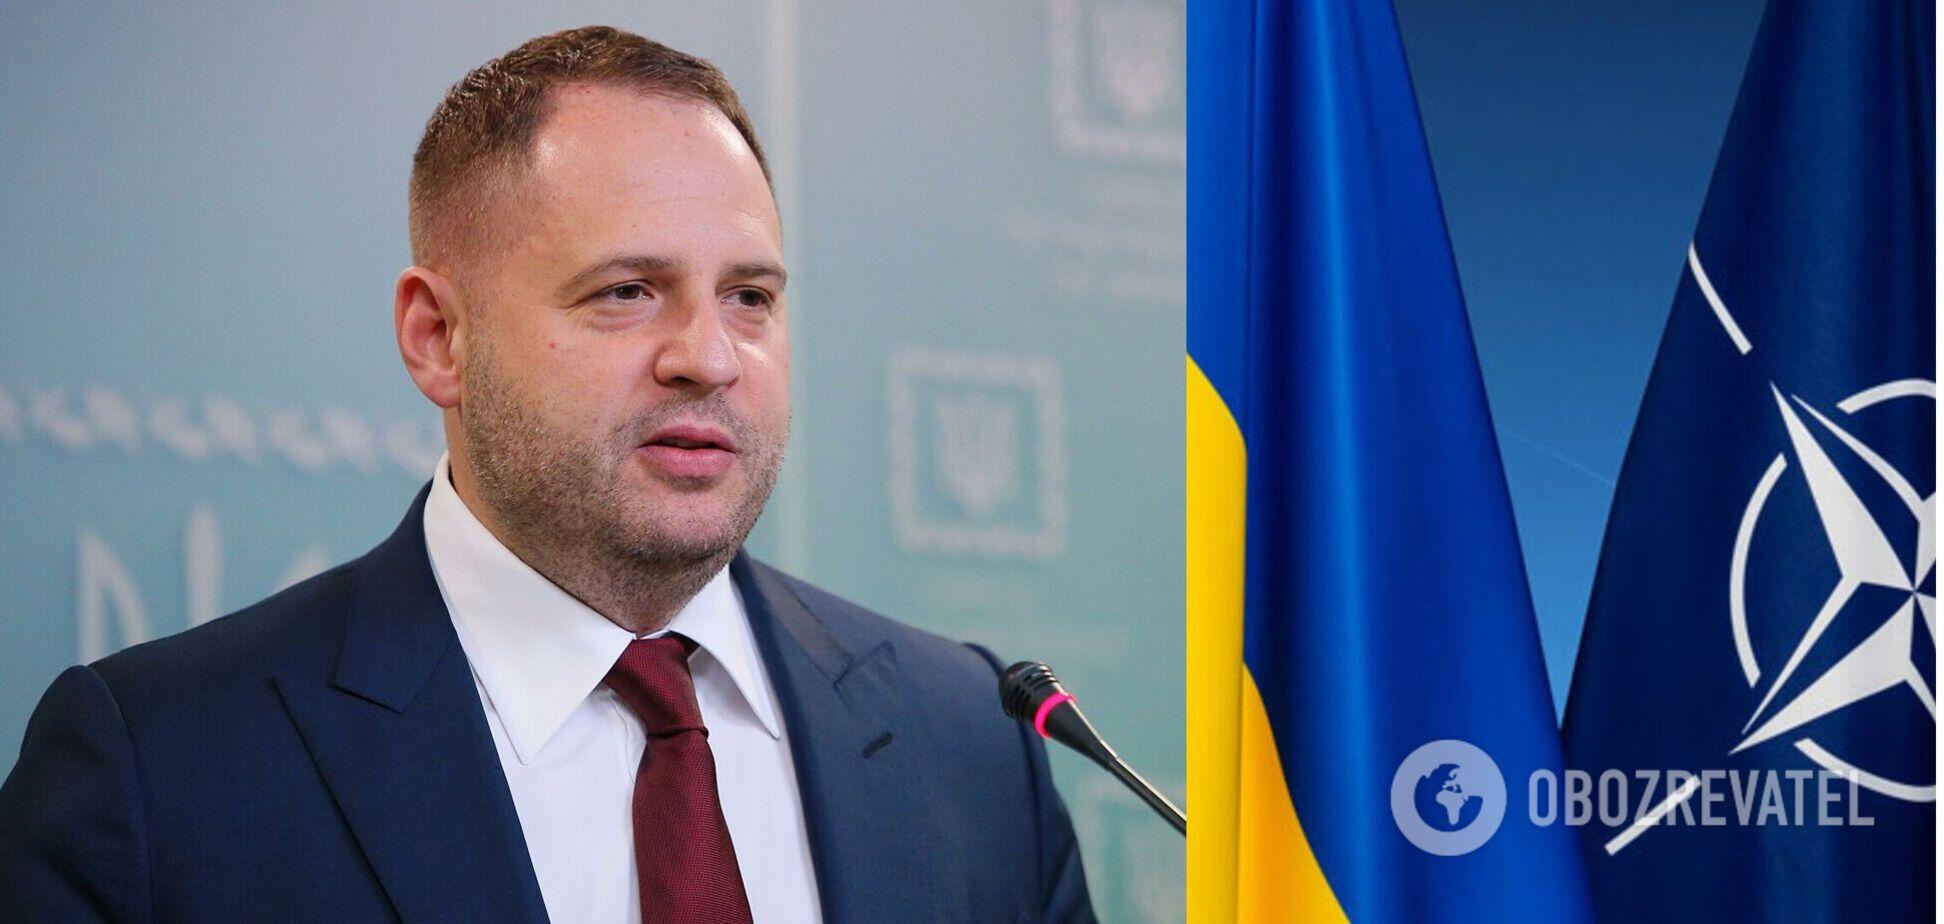 Єрмак заявив, що Україна повинна щодня вимагати вступу до НАТО